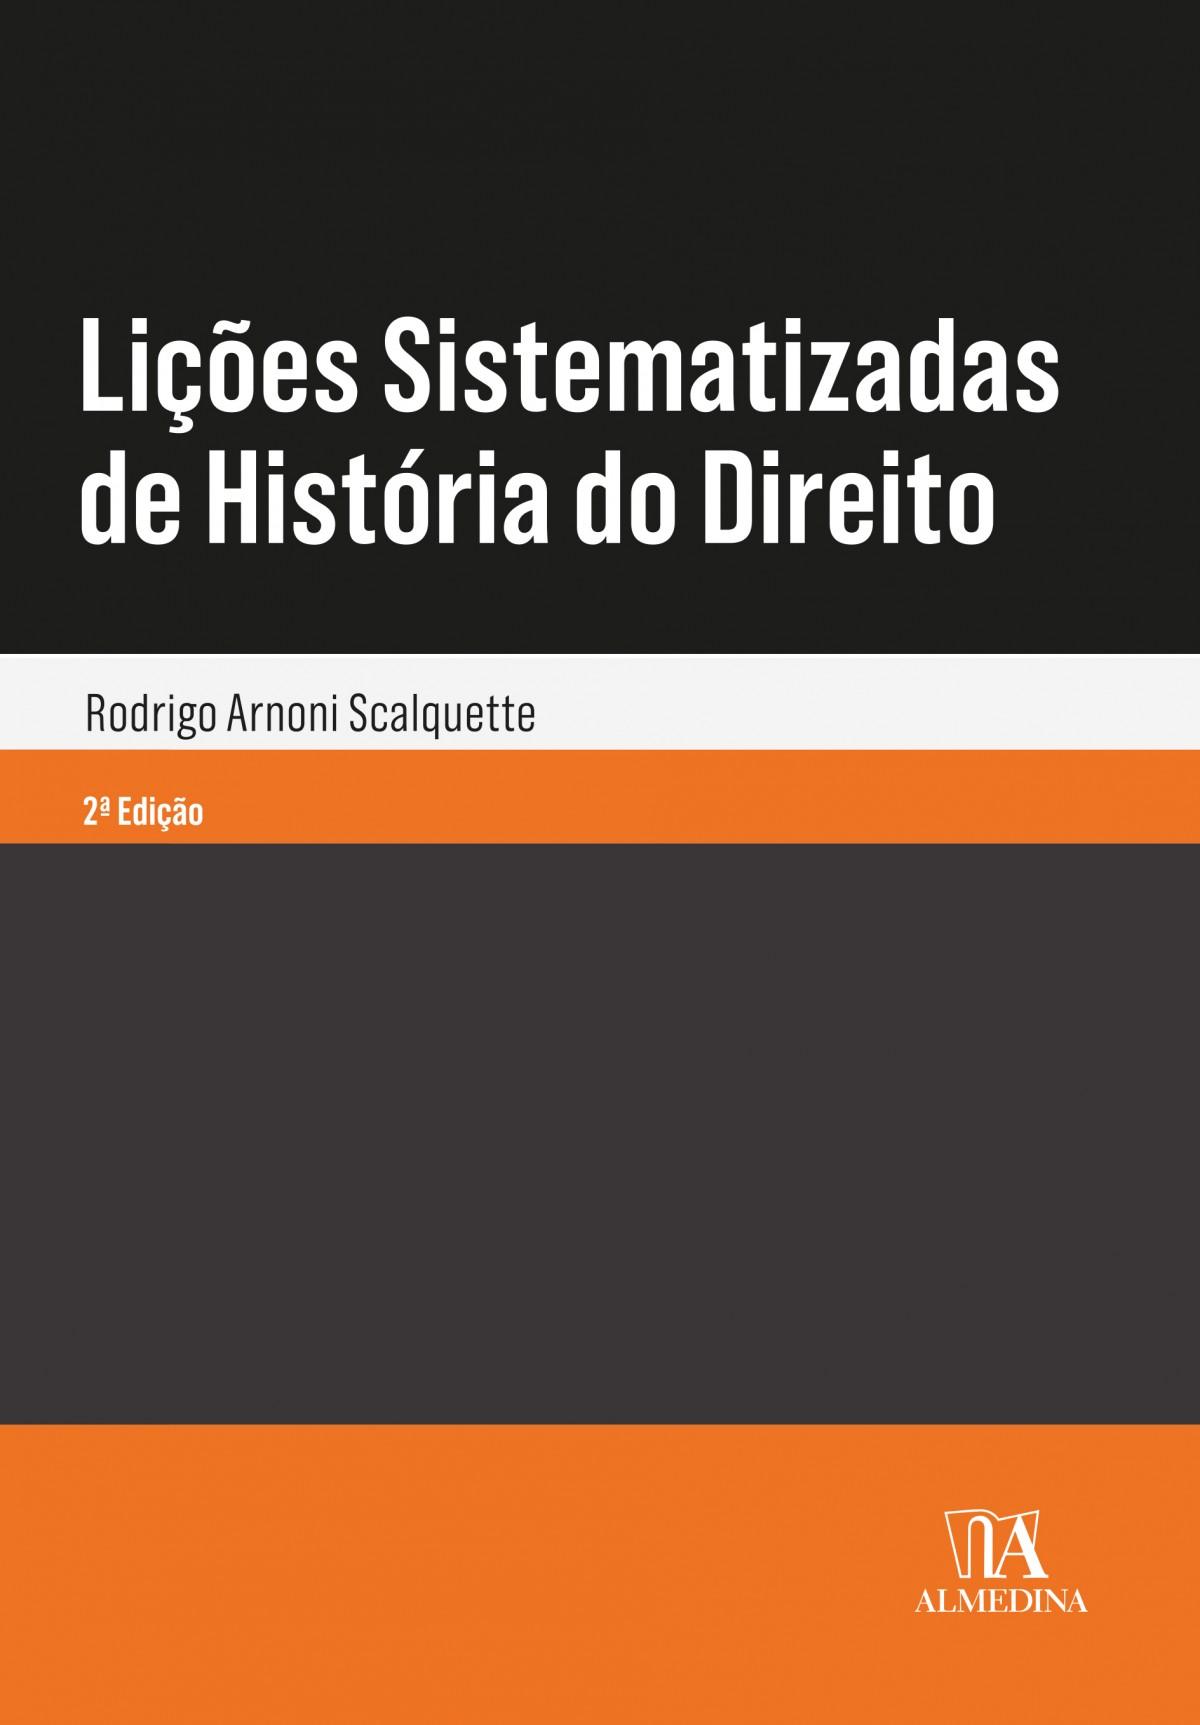 Foto 1 - Lições Sistematizadas de História do Direito